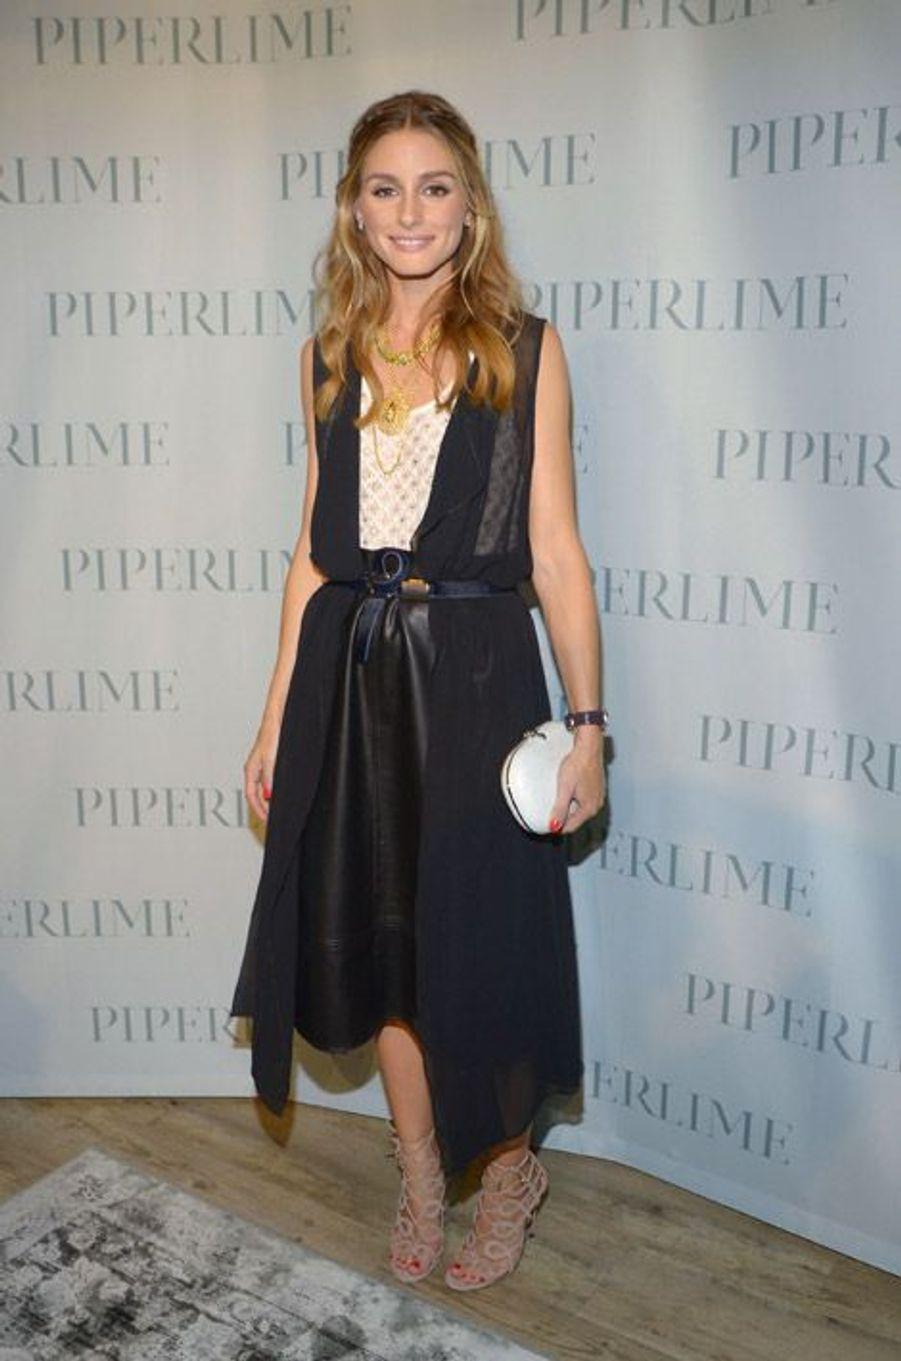 La styliste Olivia Palermo au défilé Piperline à New York, le 5 septembre 2014